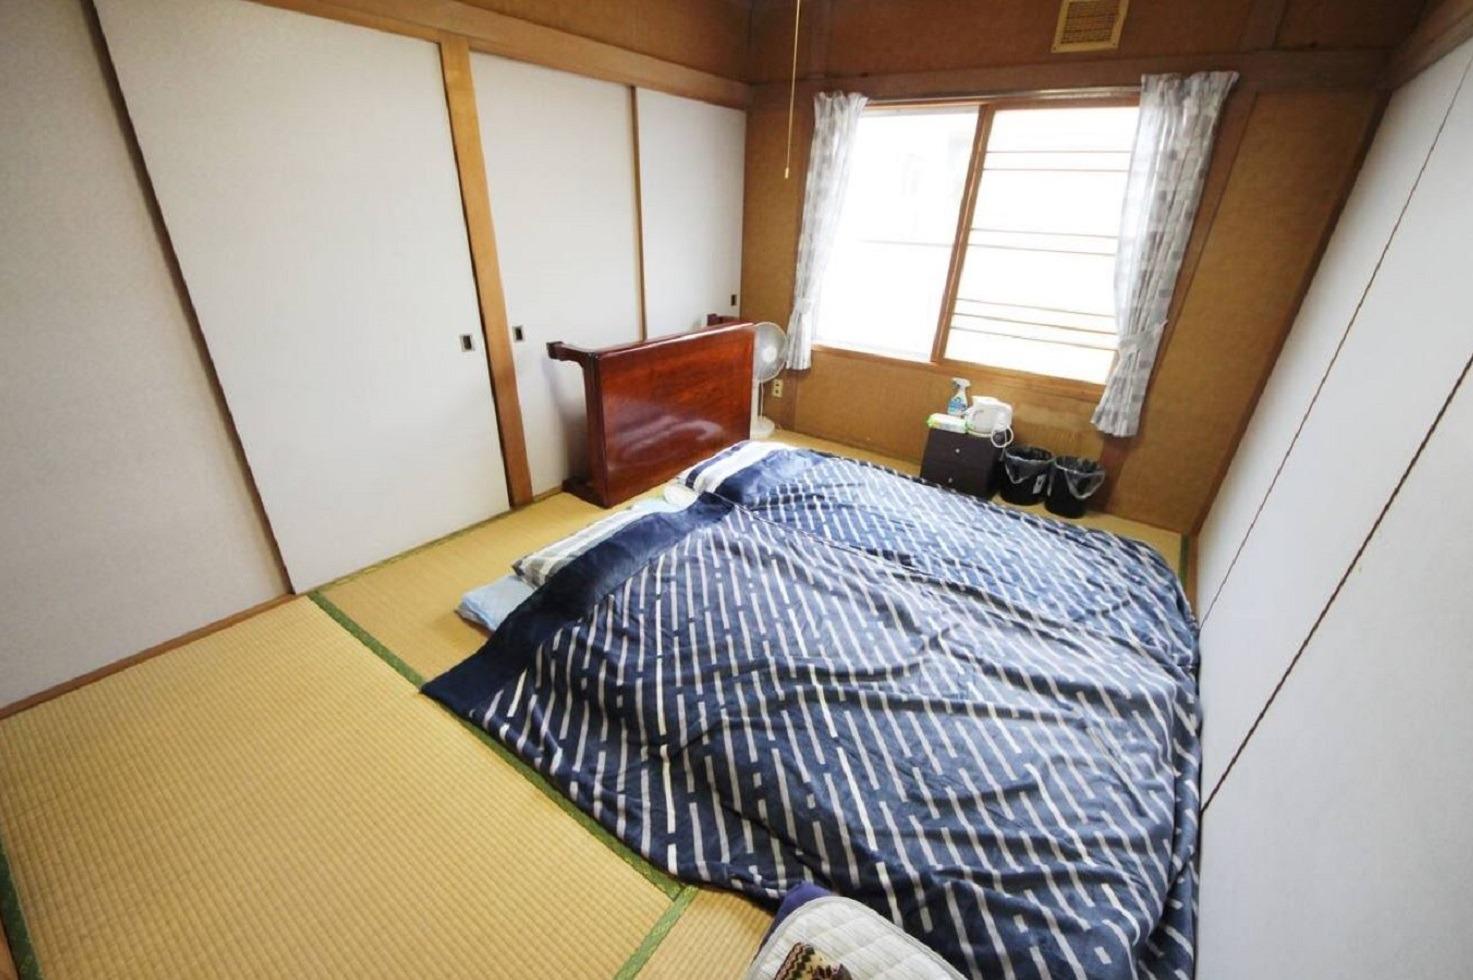 宿泊室3★最寄バス停から徒歩10分♪北海道北湯沢温泉が楽しめます!